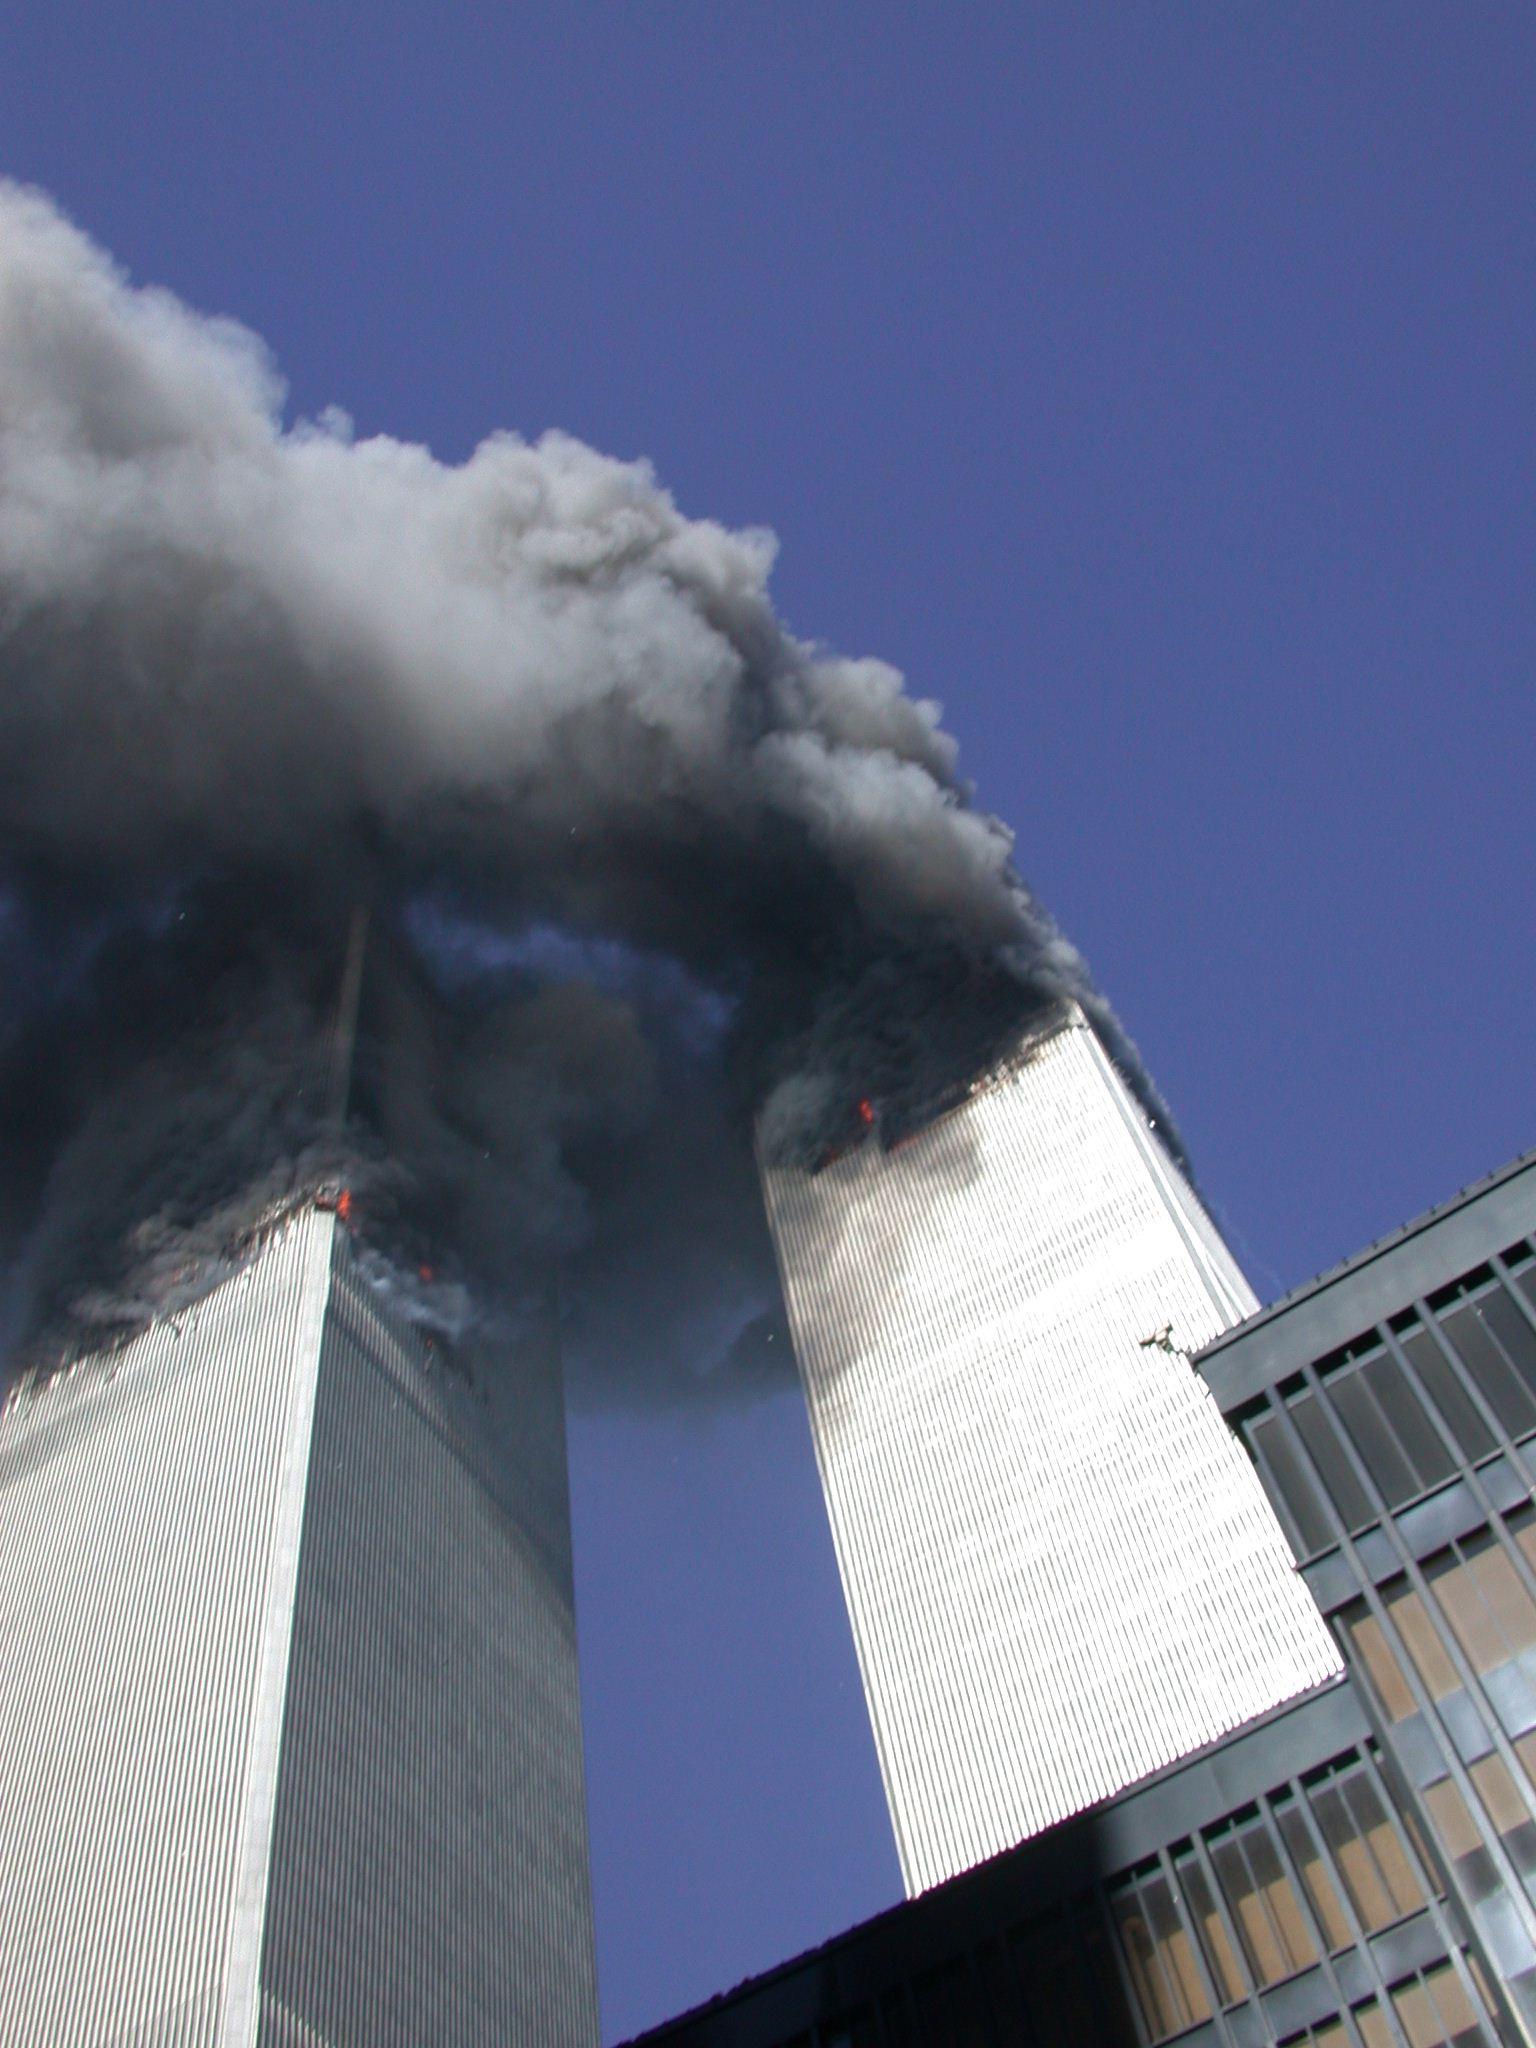 Ранее не опубликованное фото: башни Всемирного торгового центра после того, как самолеты врезались в здания.